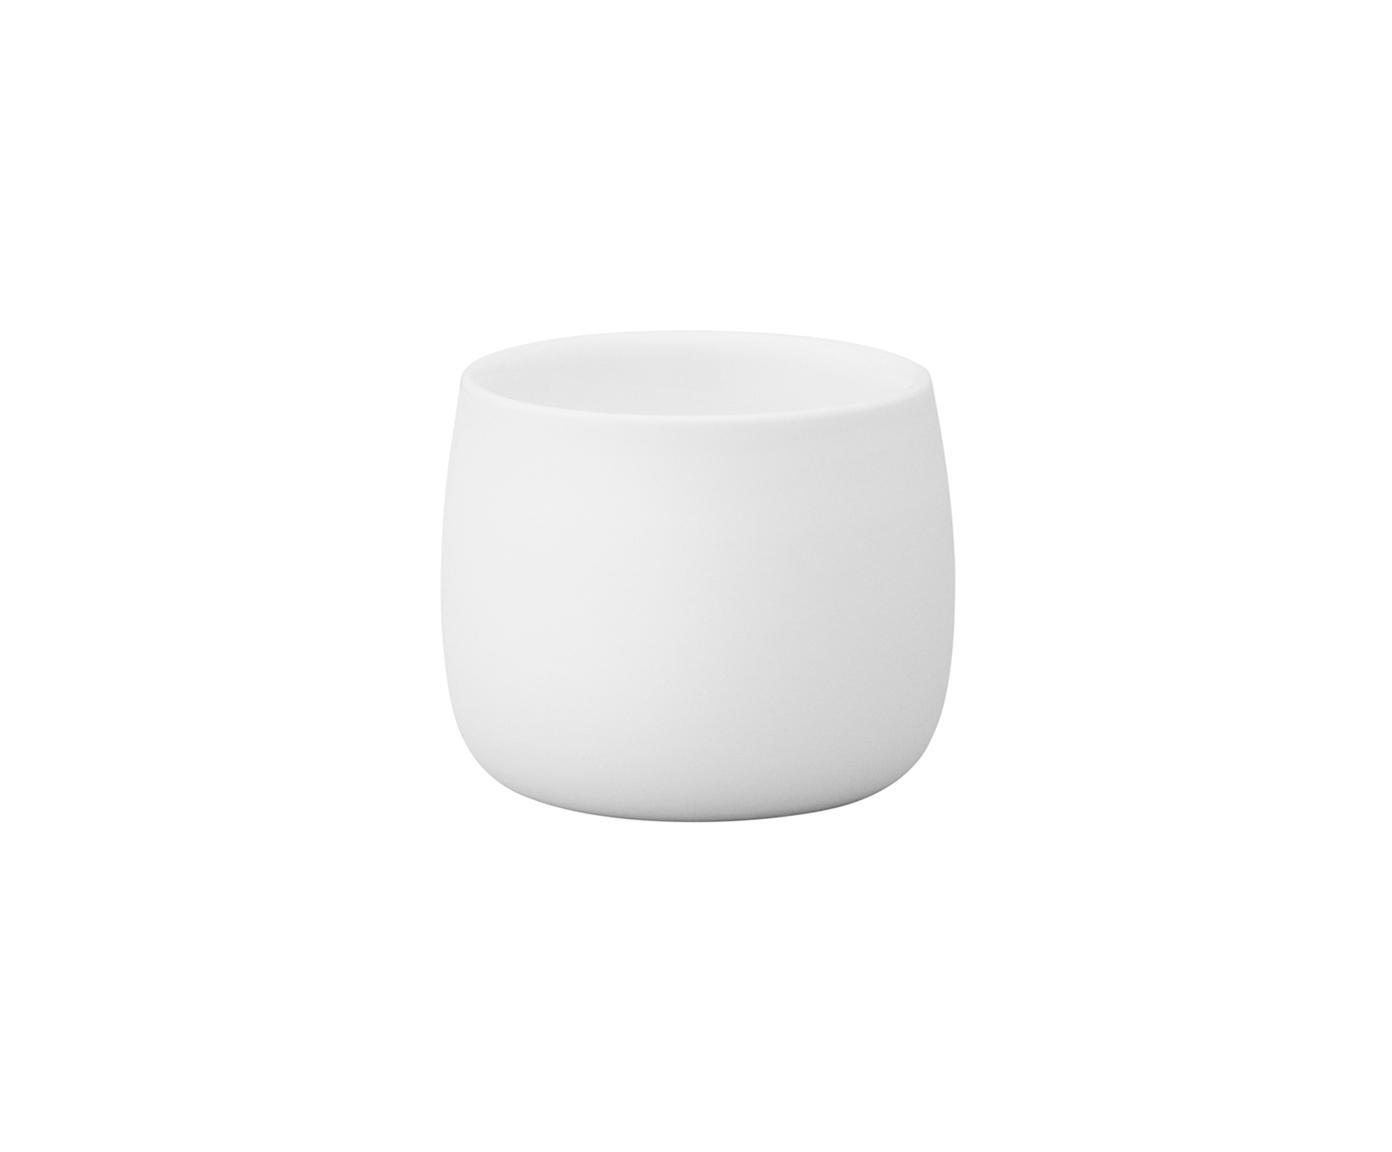 Design espressokopje Foster met thermofunctie, 2 stuks, Porselein, Buitenzijde: mat wit. Binnenzijde: glanzend wit, 40 ml